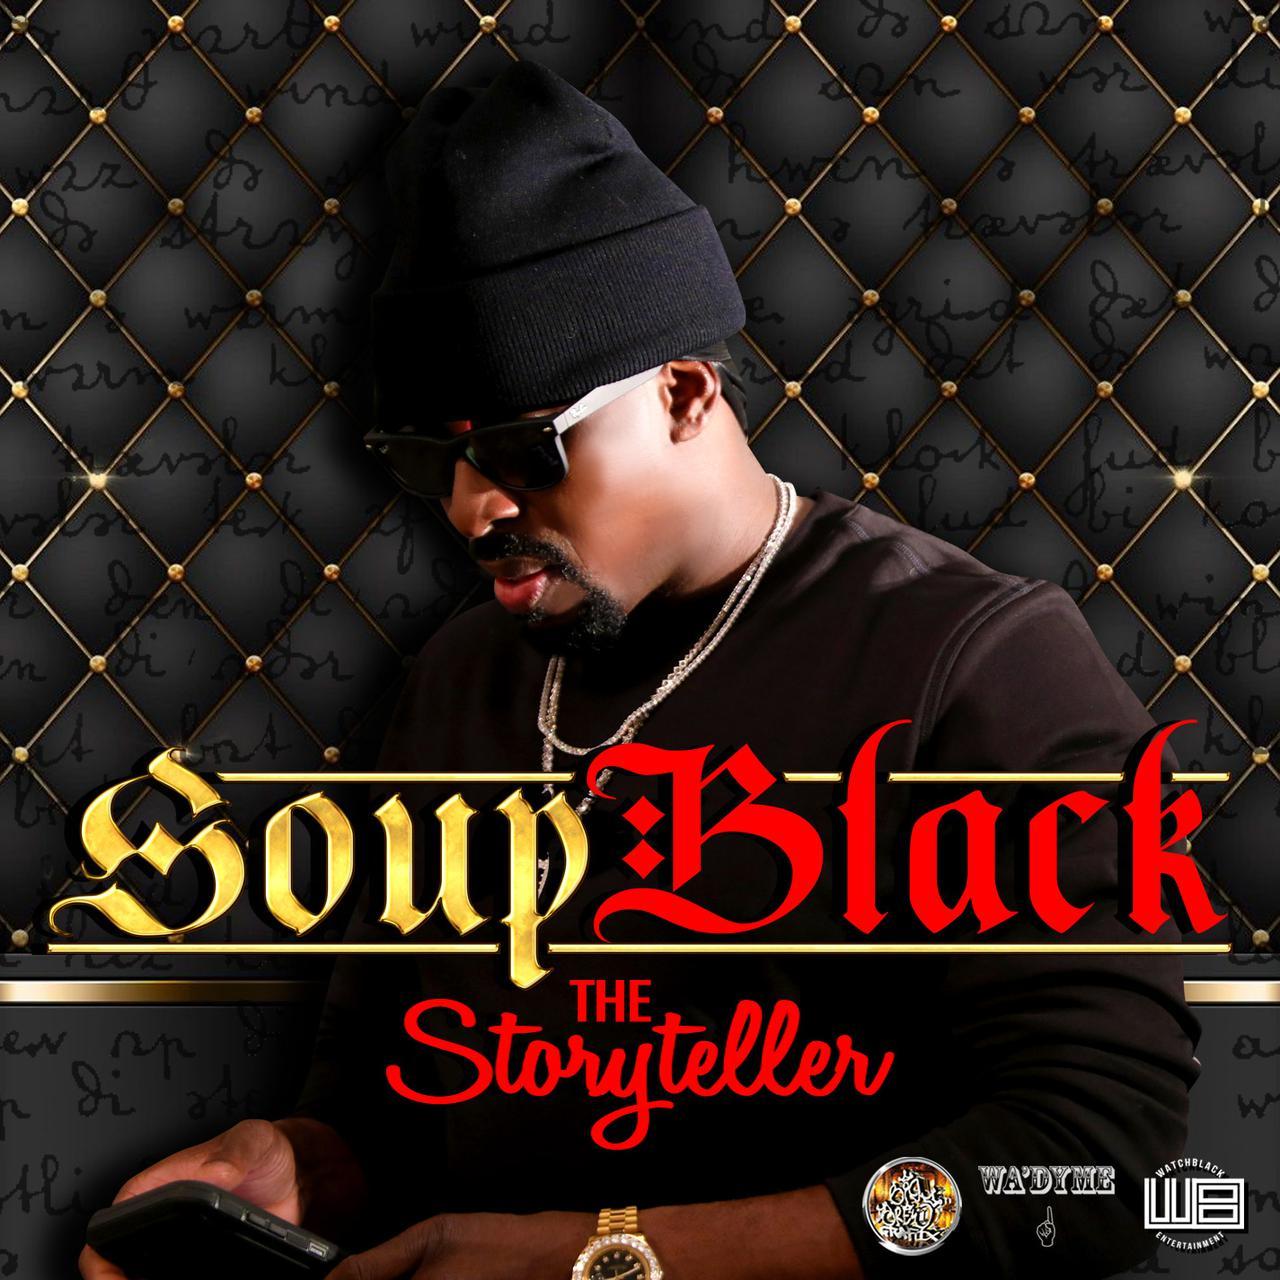 soupblack storyteller cover.jpg